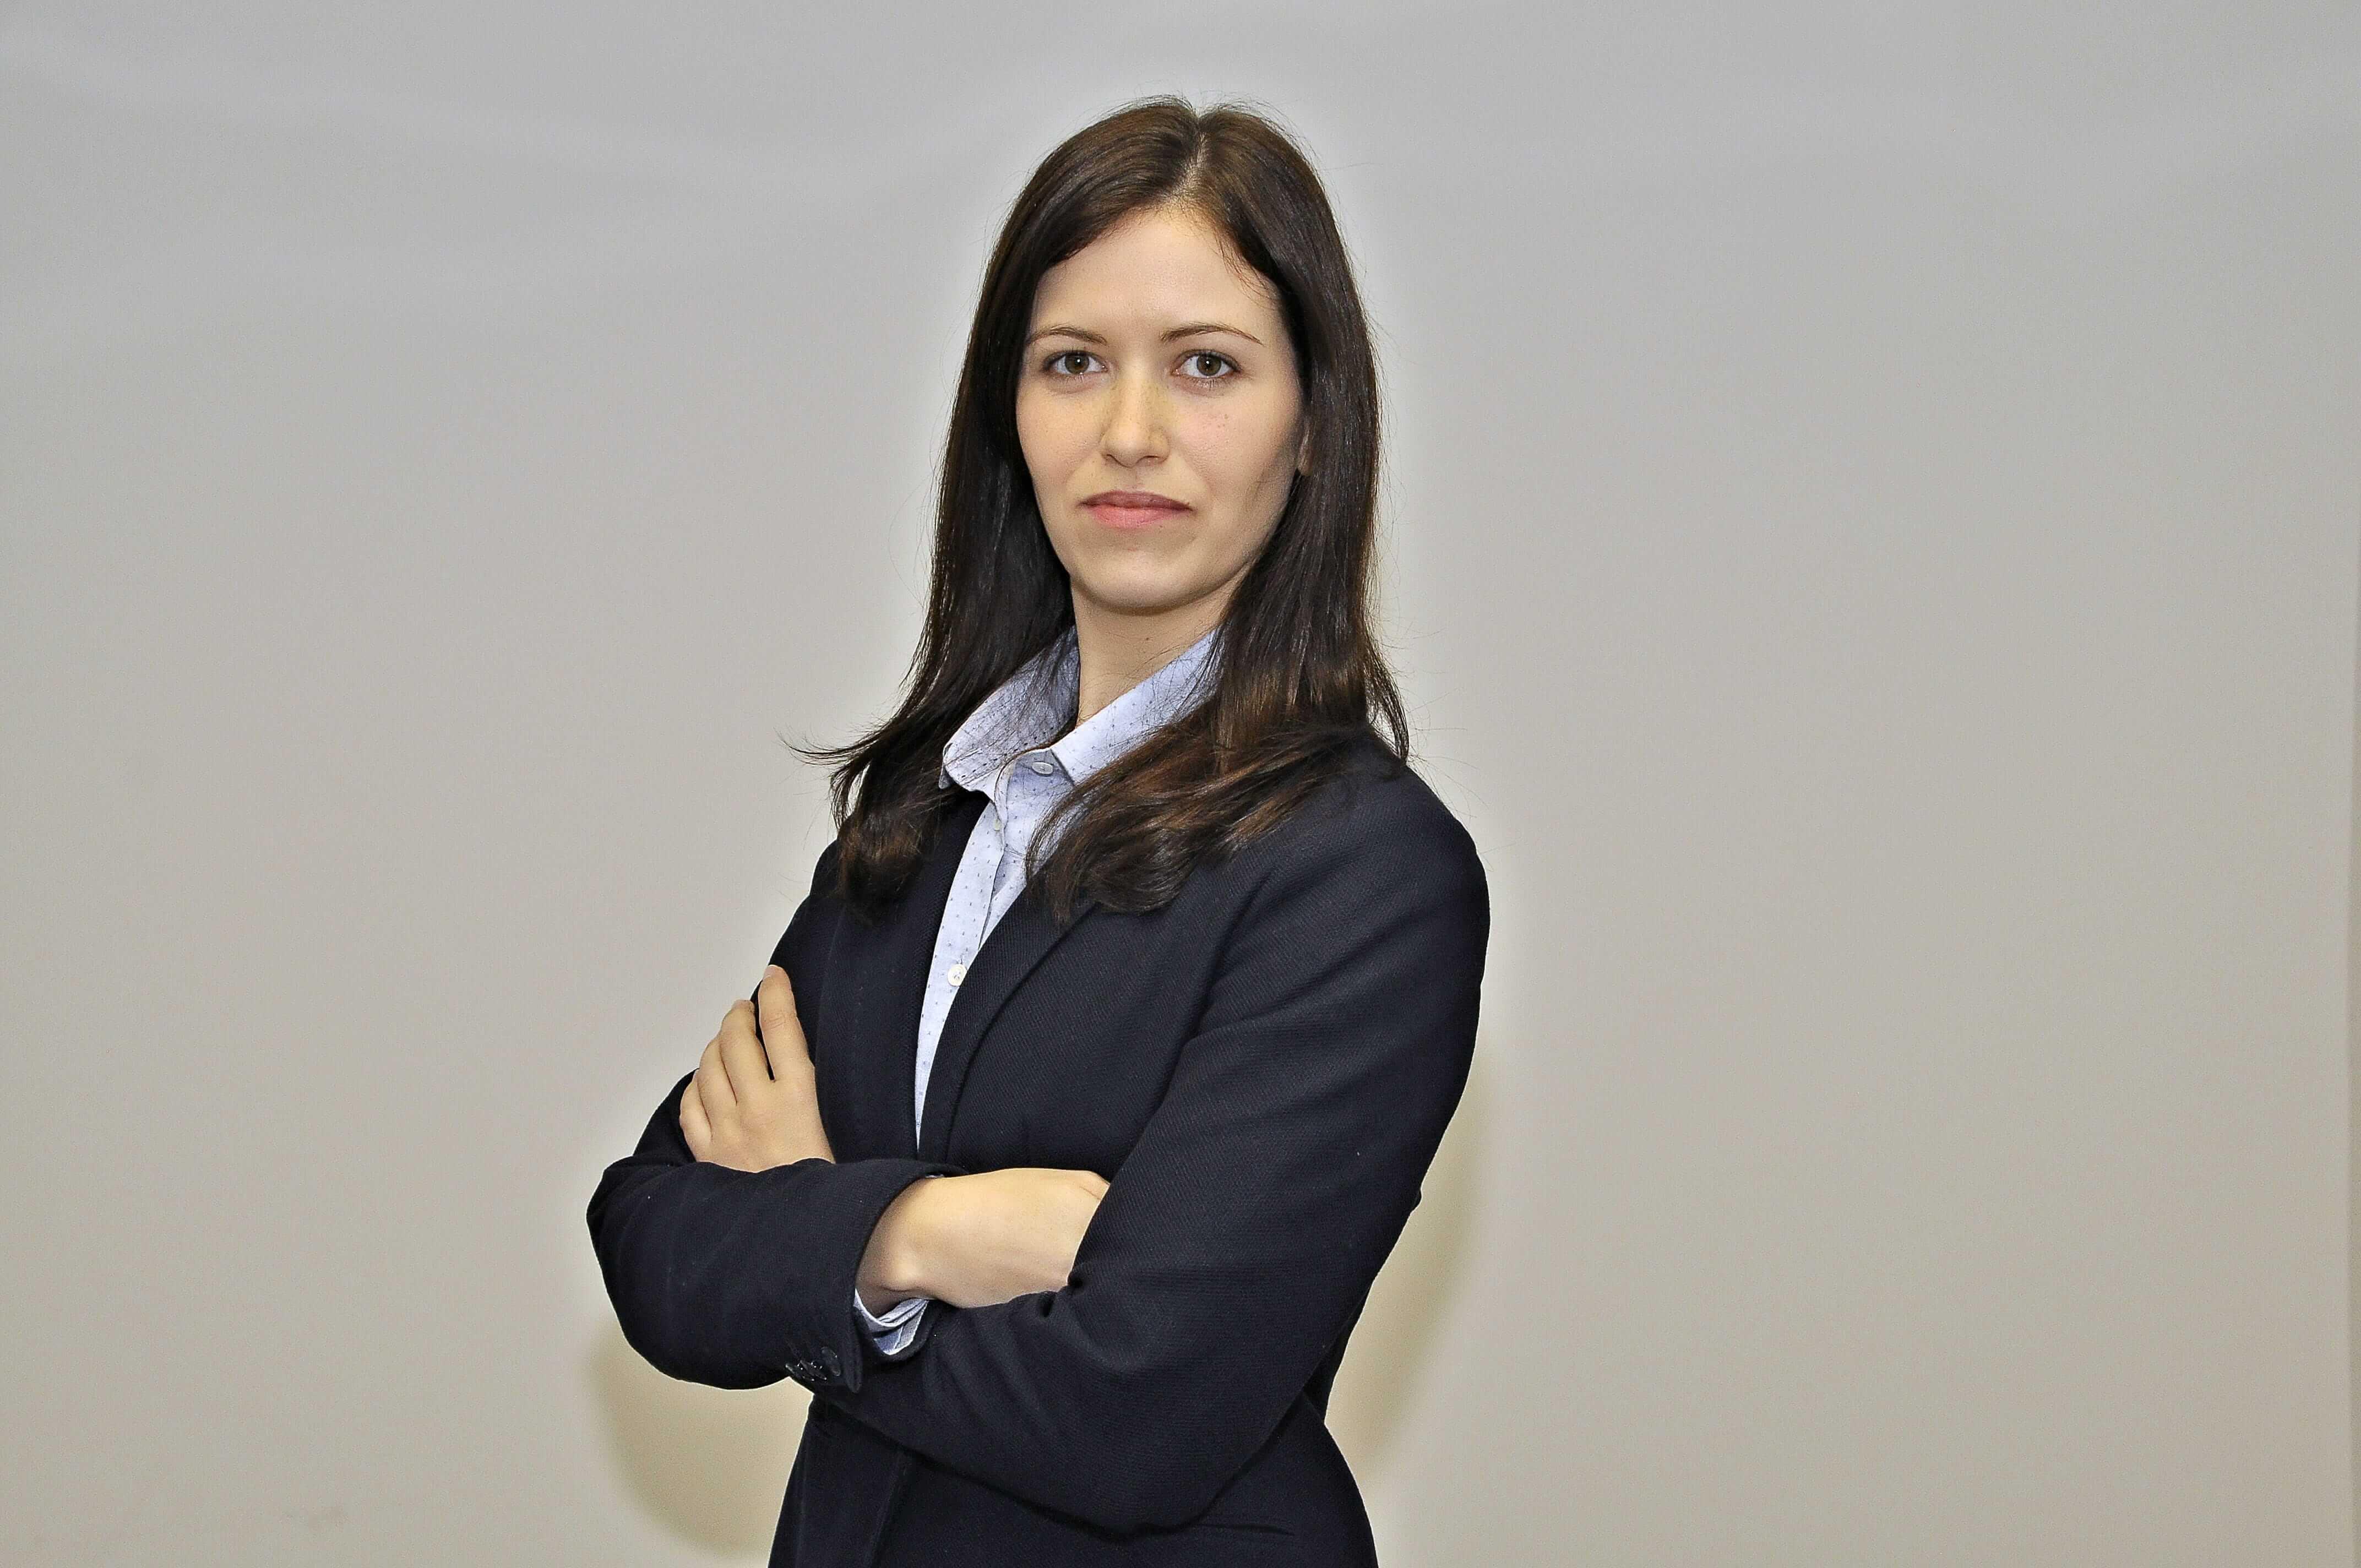 María Ramos Casanova